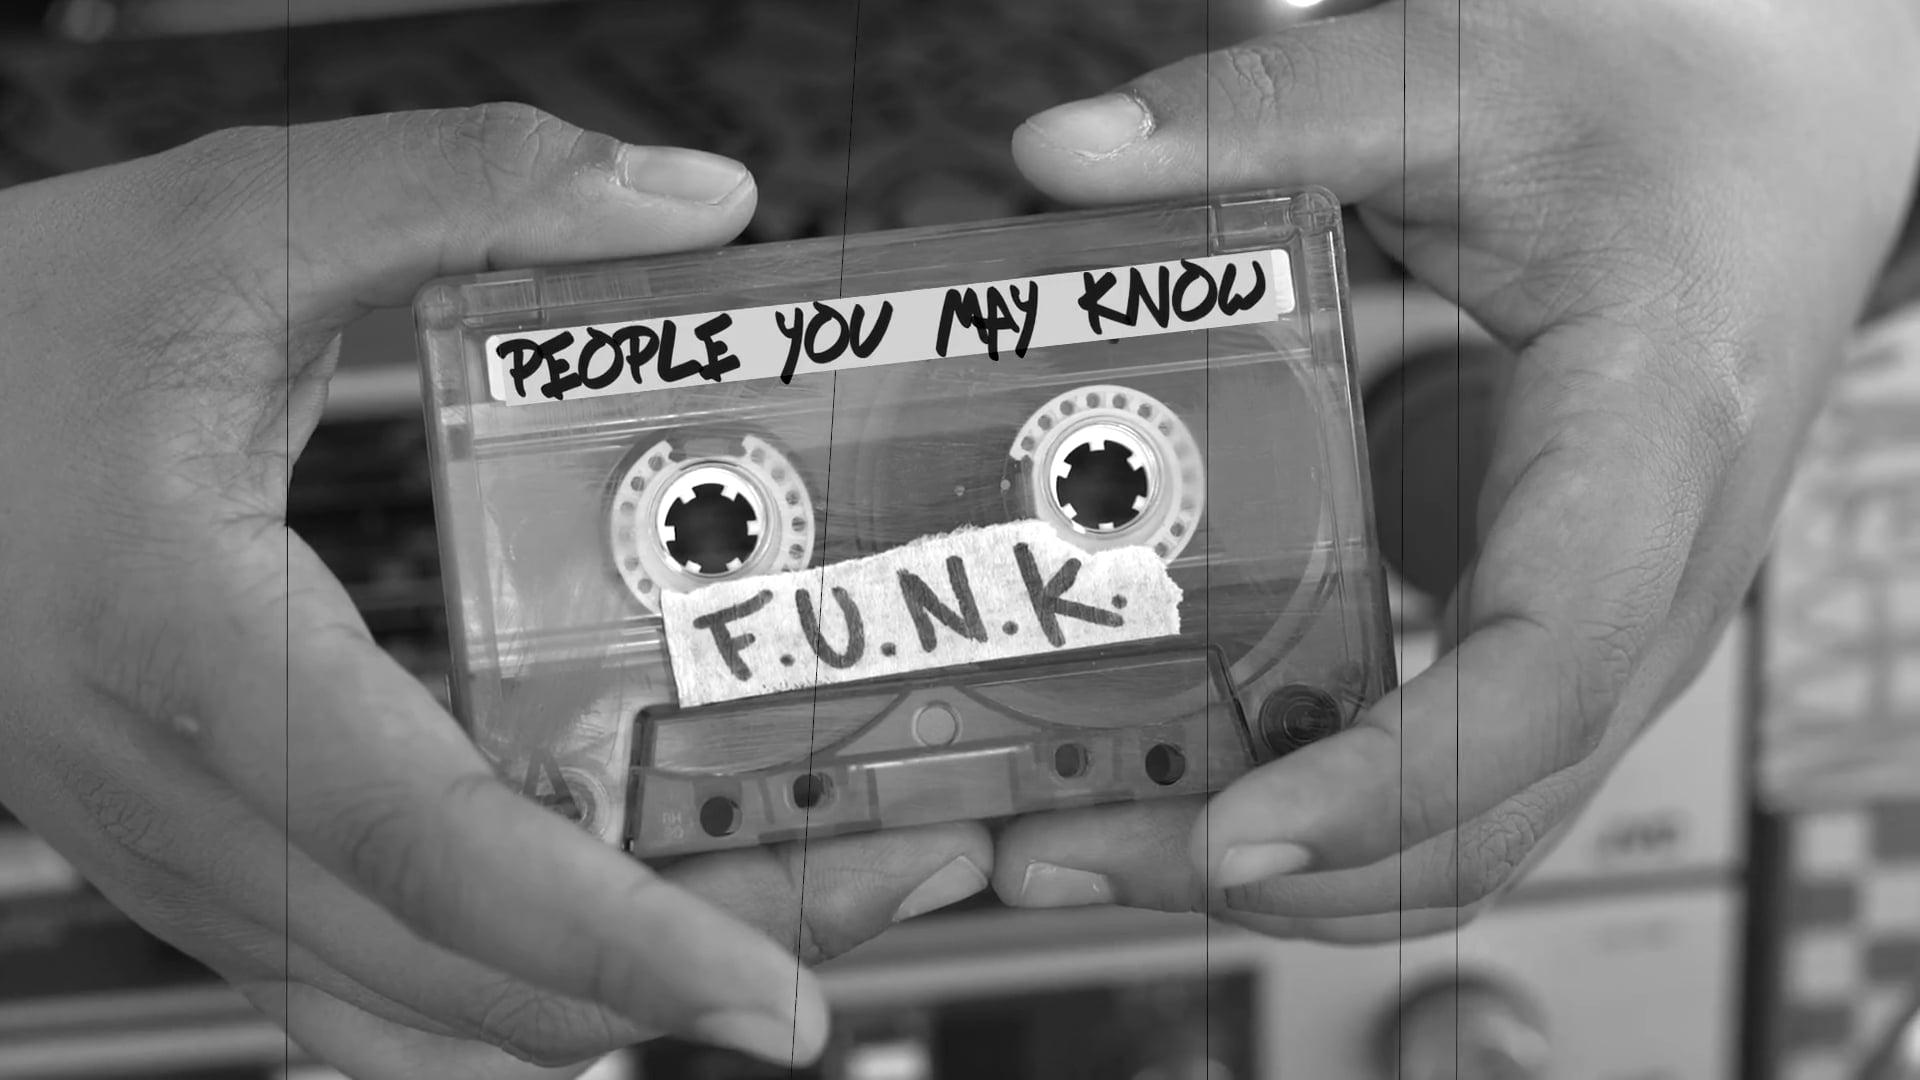 People You May Know - F.U.N.K.